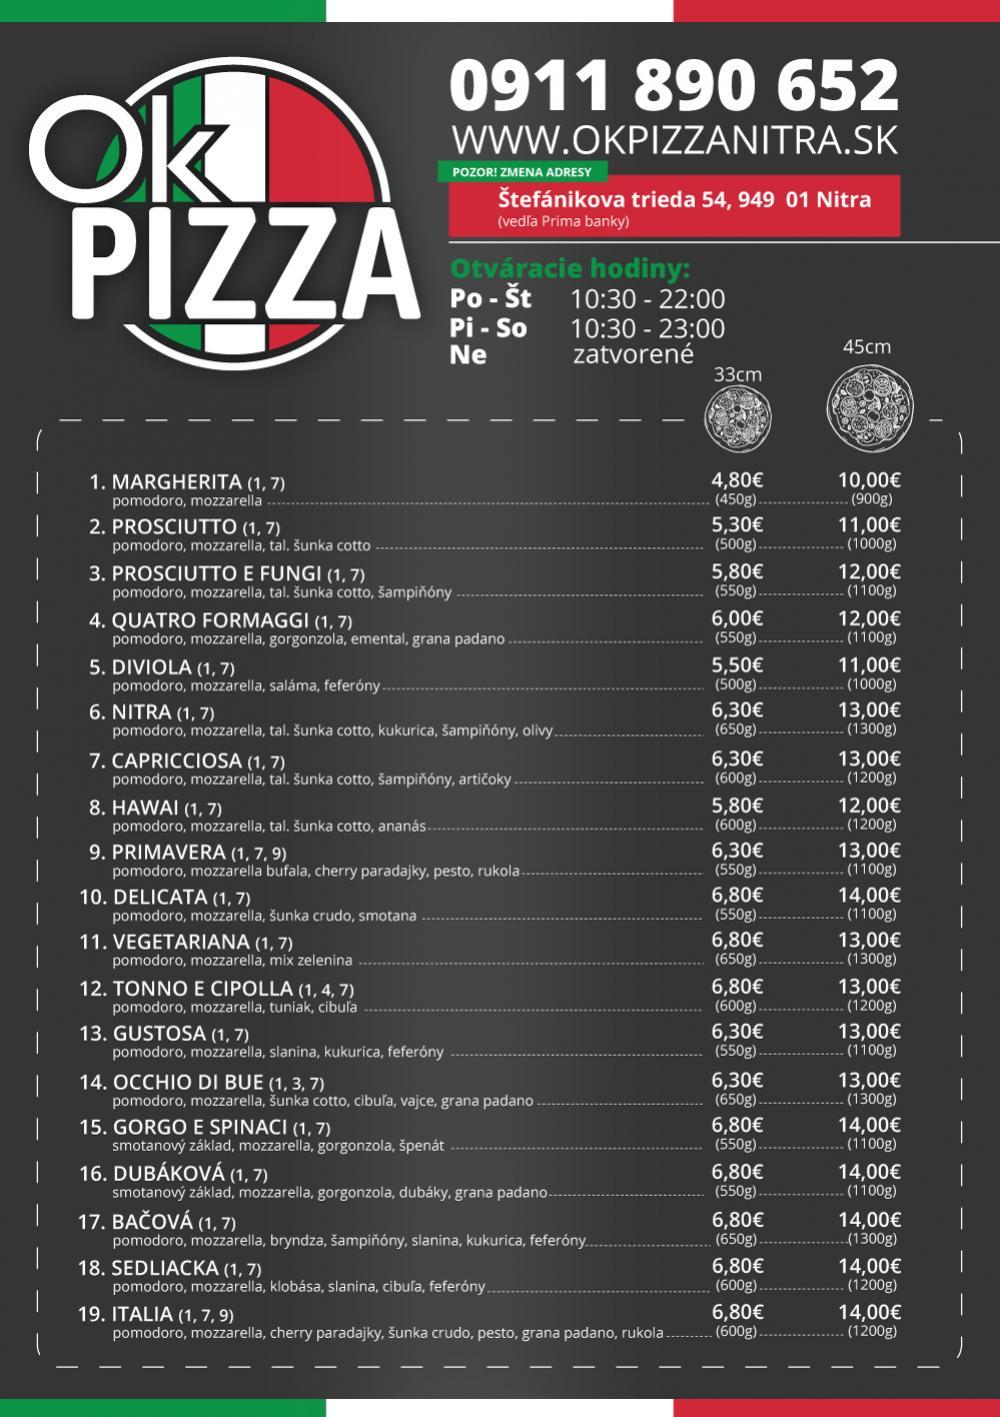 pizzeria nitra OK Pizza Nitra donáška